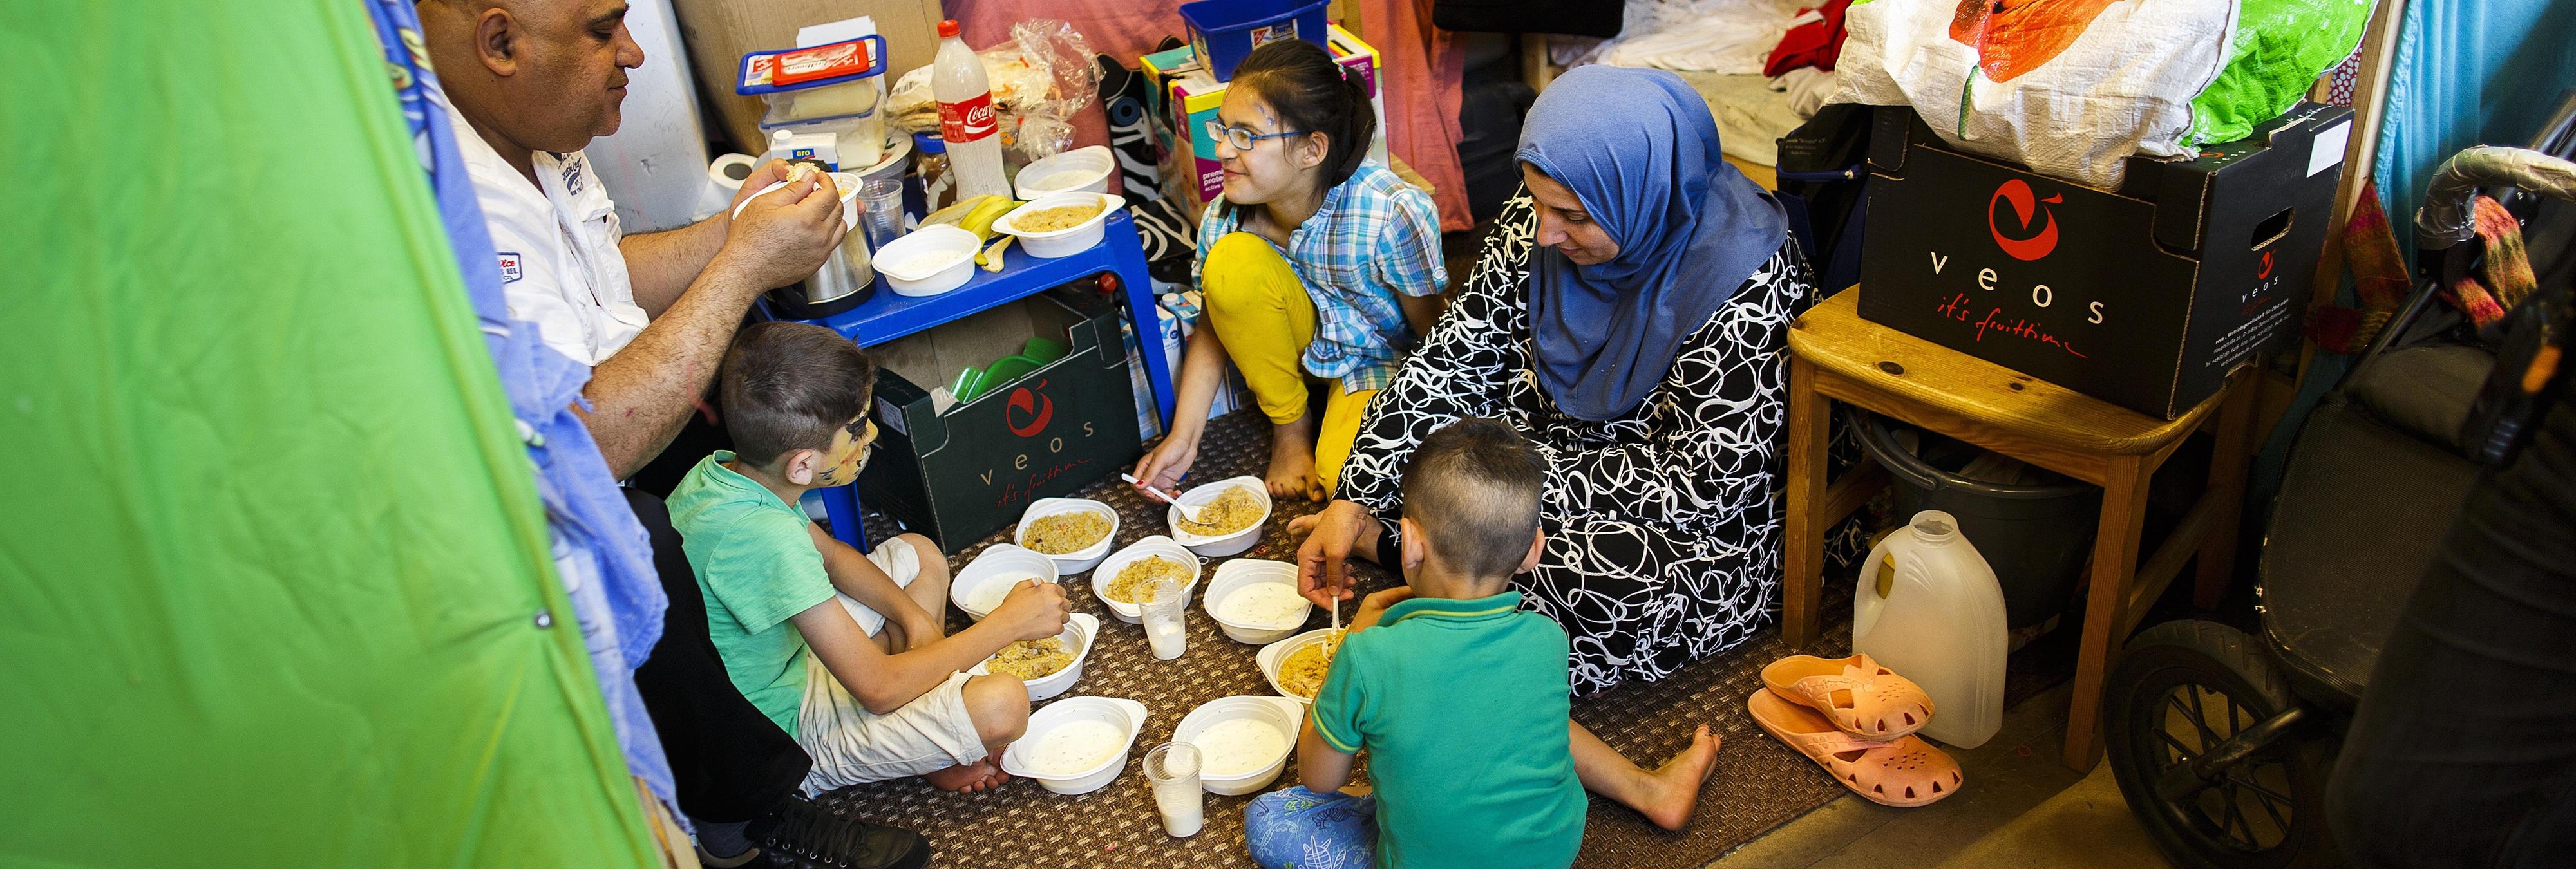 Qué ha hecho bien y qué ha hecho mal Alemania con los refugiados